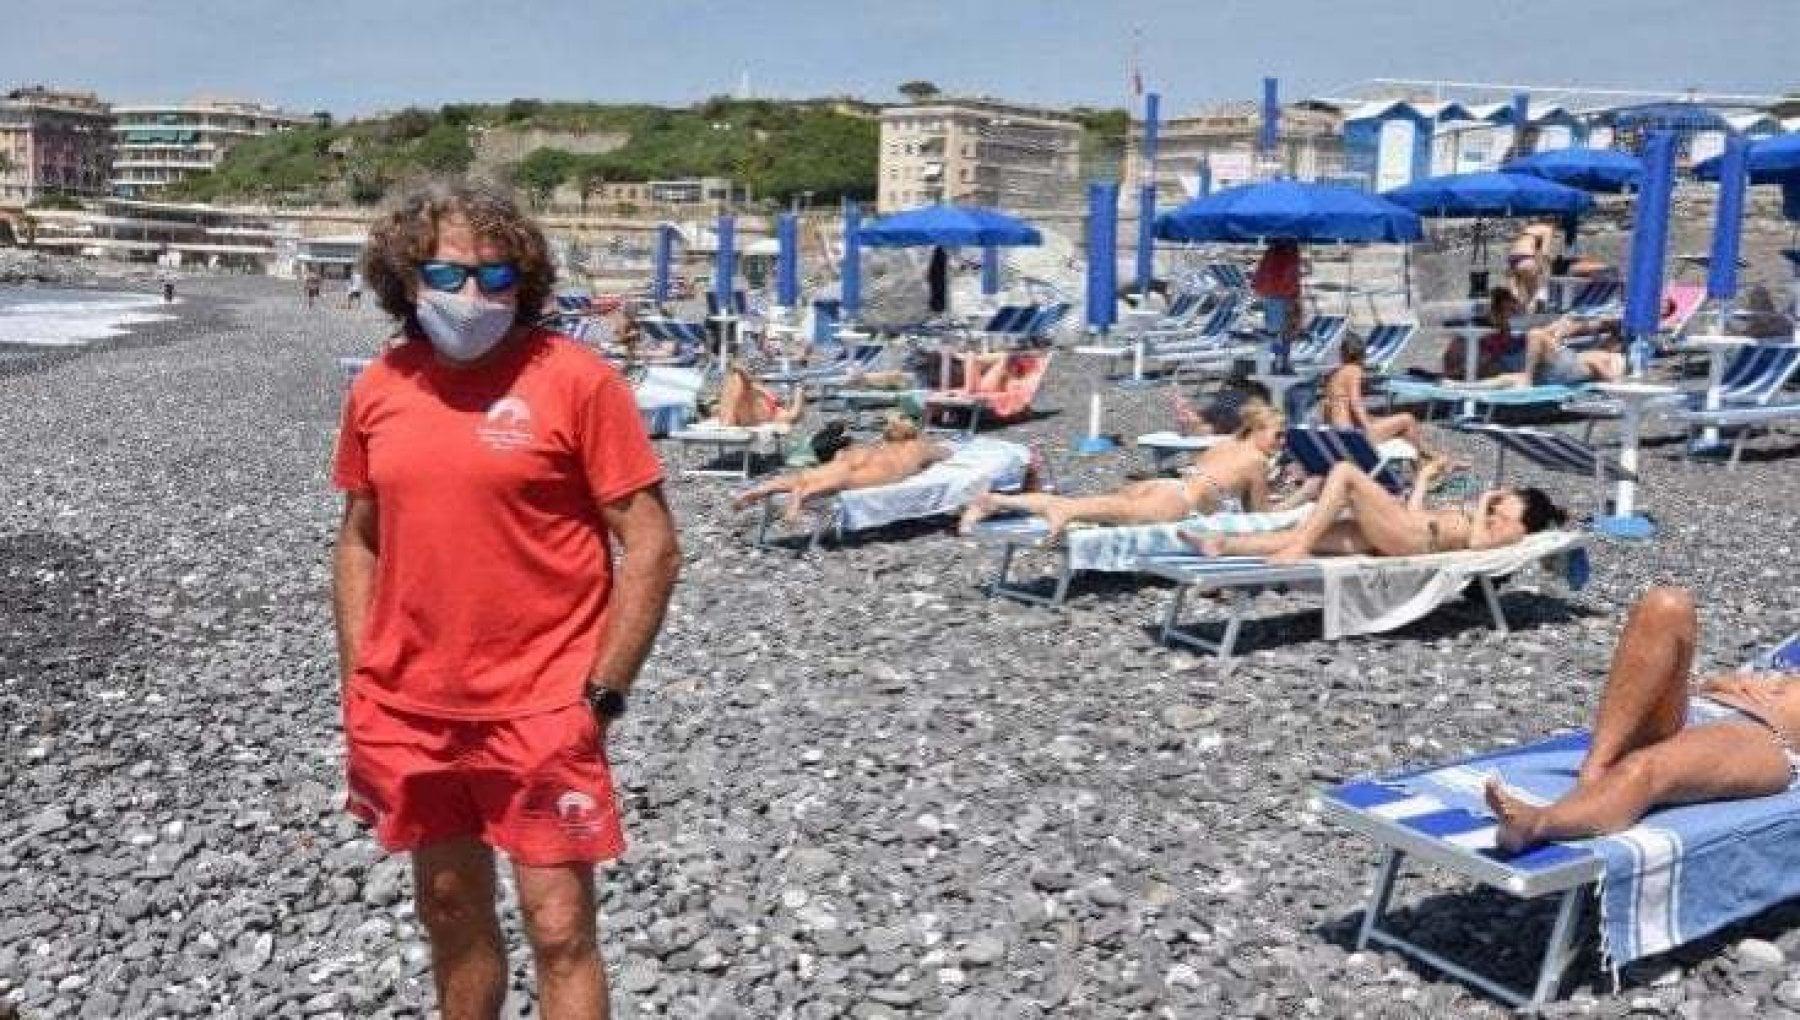 112202132 c5827636 38da 41a0 92ff 6a7f739eeb2c - Vaccini in vacanza, dal 1° luglio partono Liguria e Piemonte